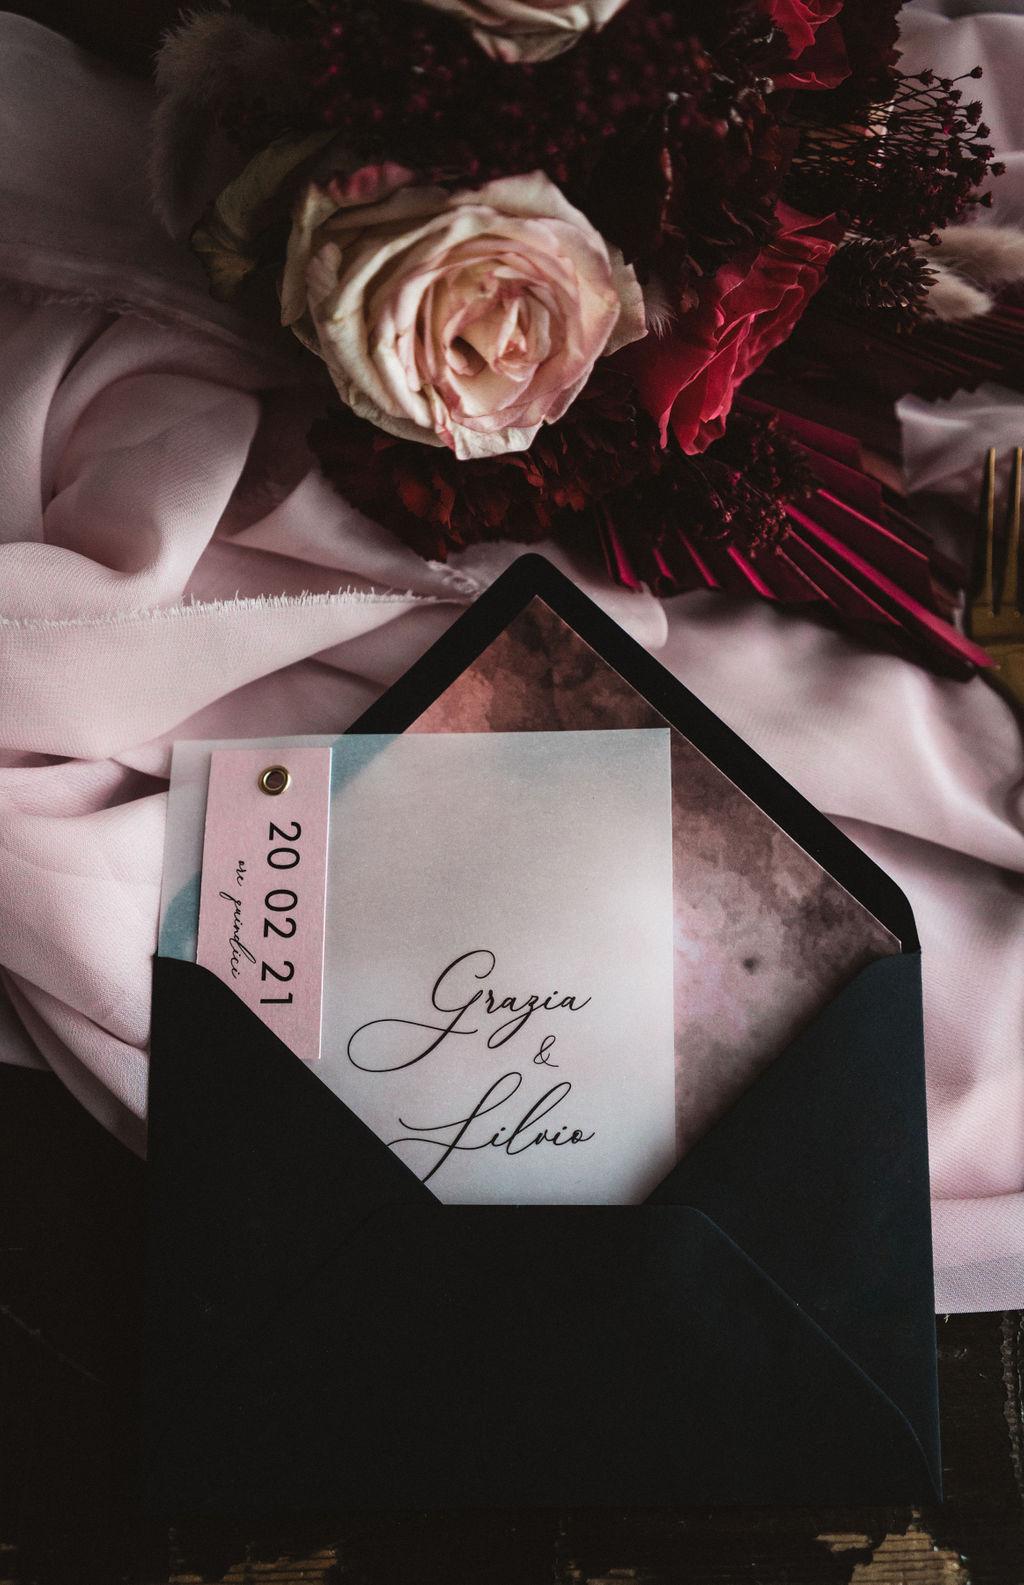 elegant wedding stationery - modern industrial wedding - alternative wedding - unconventional wedding - edgy wedding - pink and black wedding